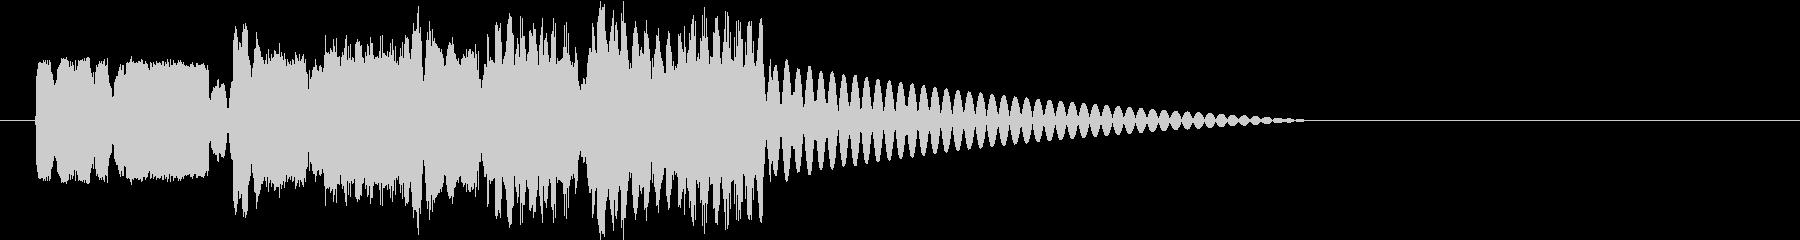 ロボットサウンド 機械音10の未再生の波形